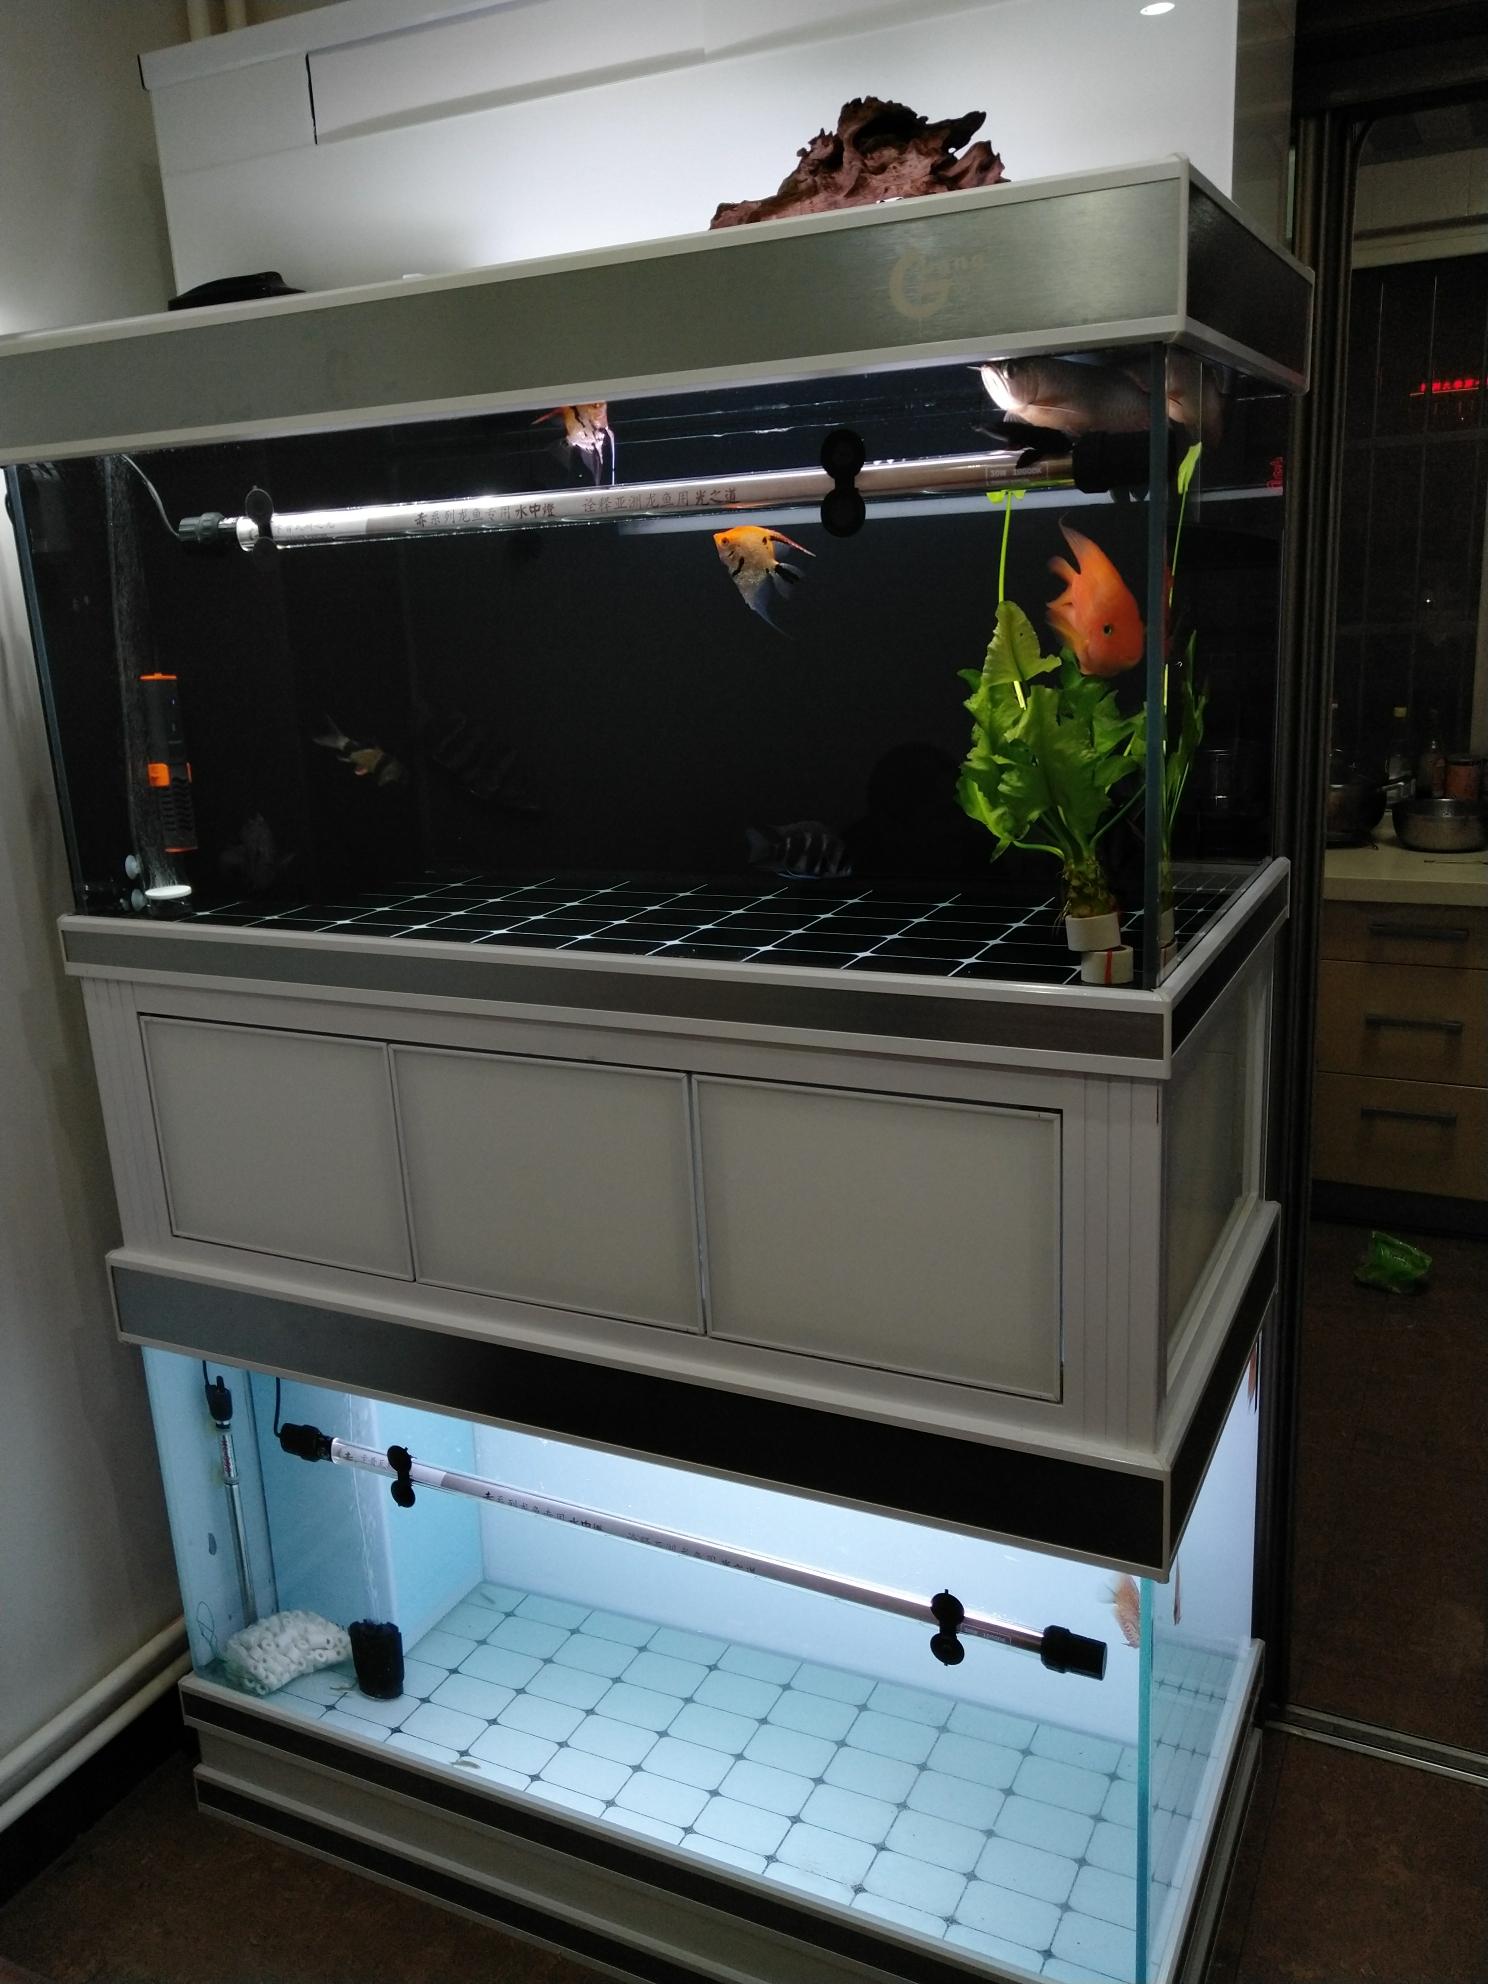 新缸开完了收几条不错的锦鲤 北京观赏鱼 北京龙鱼第2张